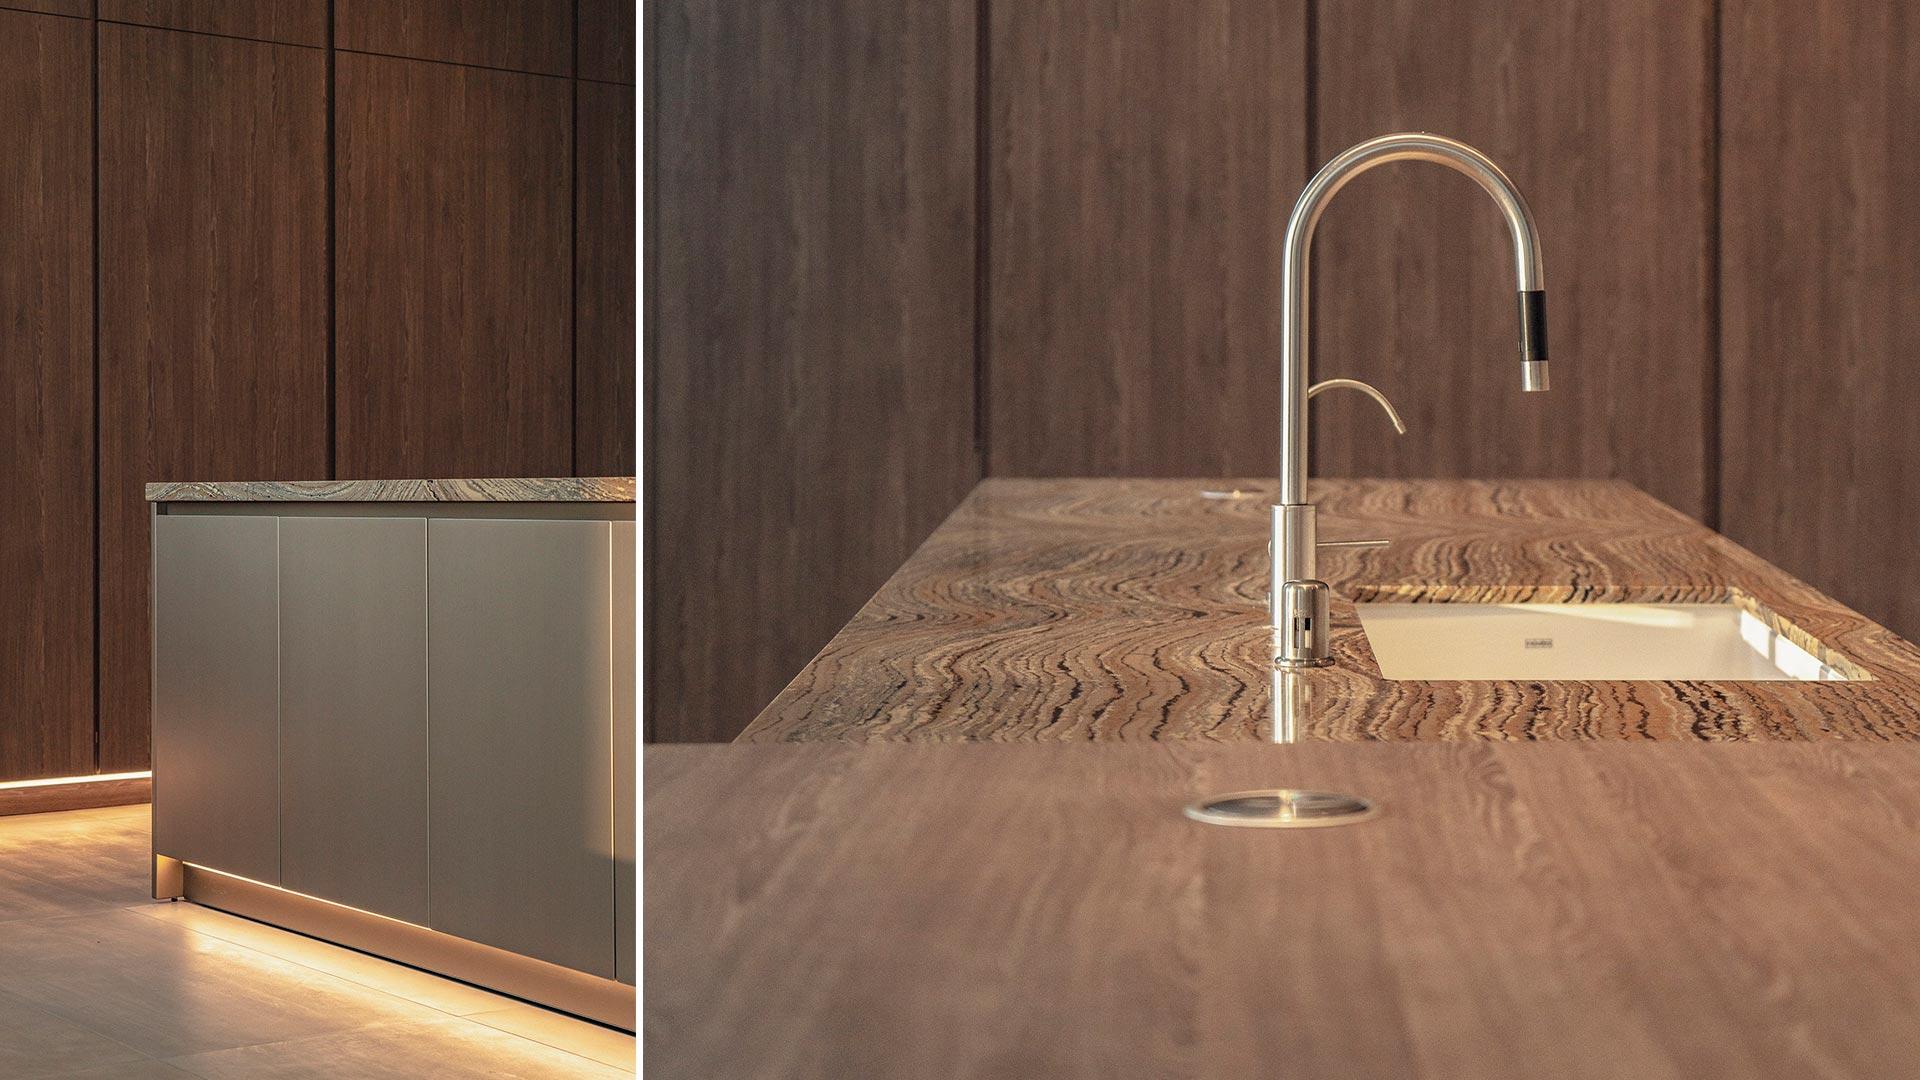 Cucina lineare su due lati con isola centrale e tavolo adiacente - 20210102_INTERIOR-A-LOS-ANGELES_contract-003